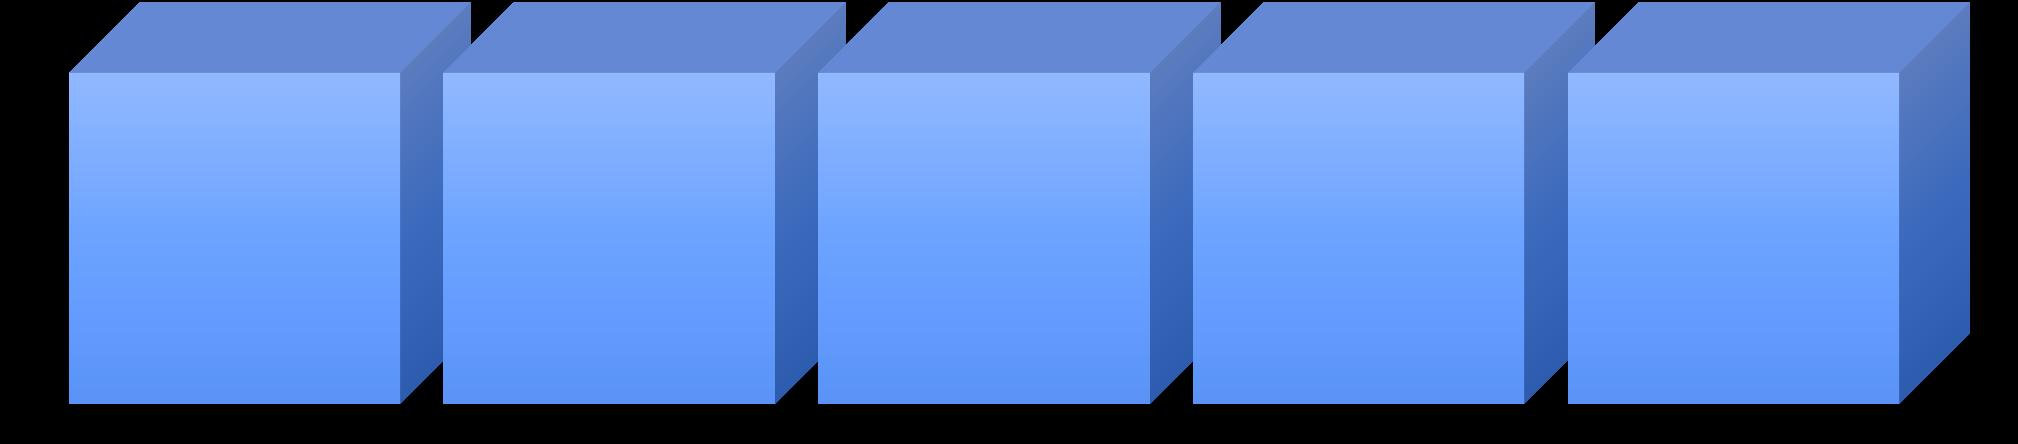 「定額制」のイメージ